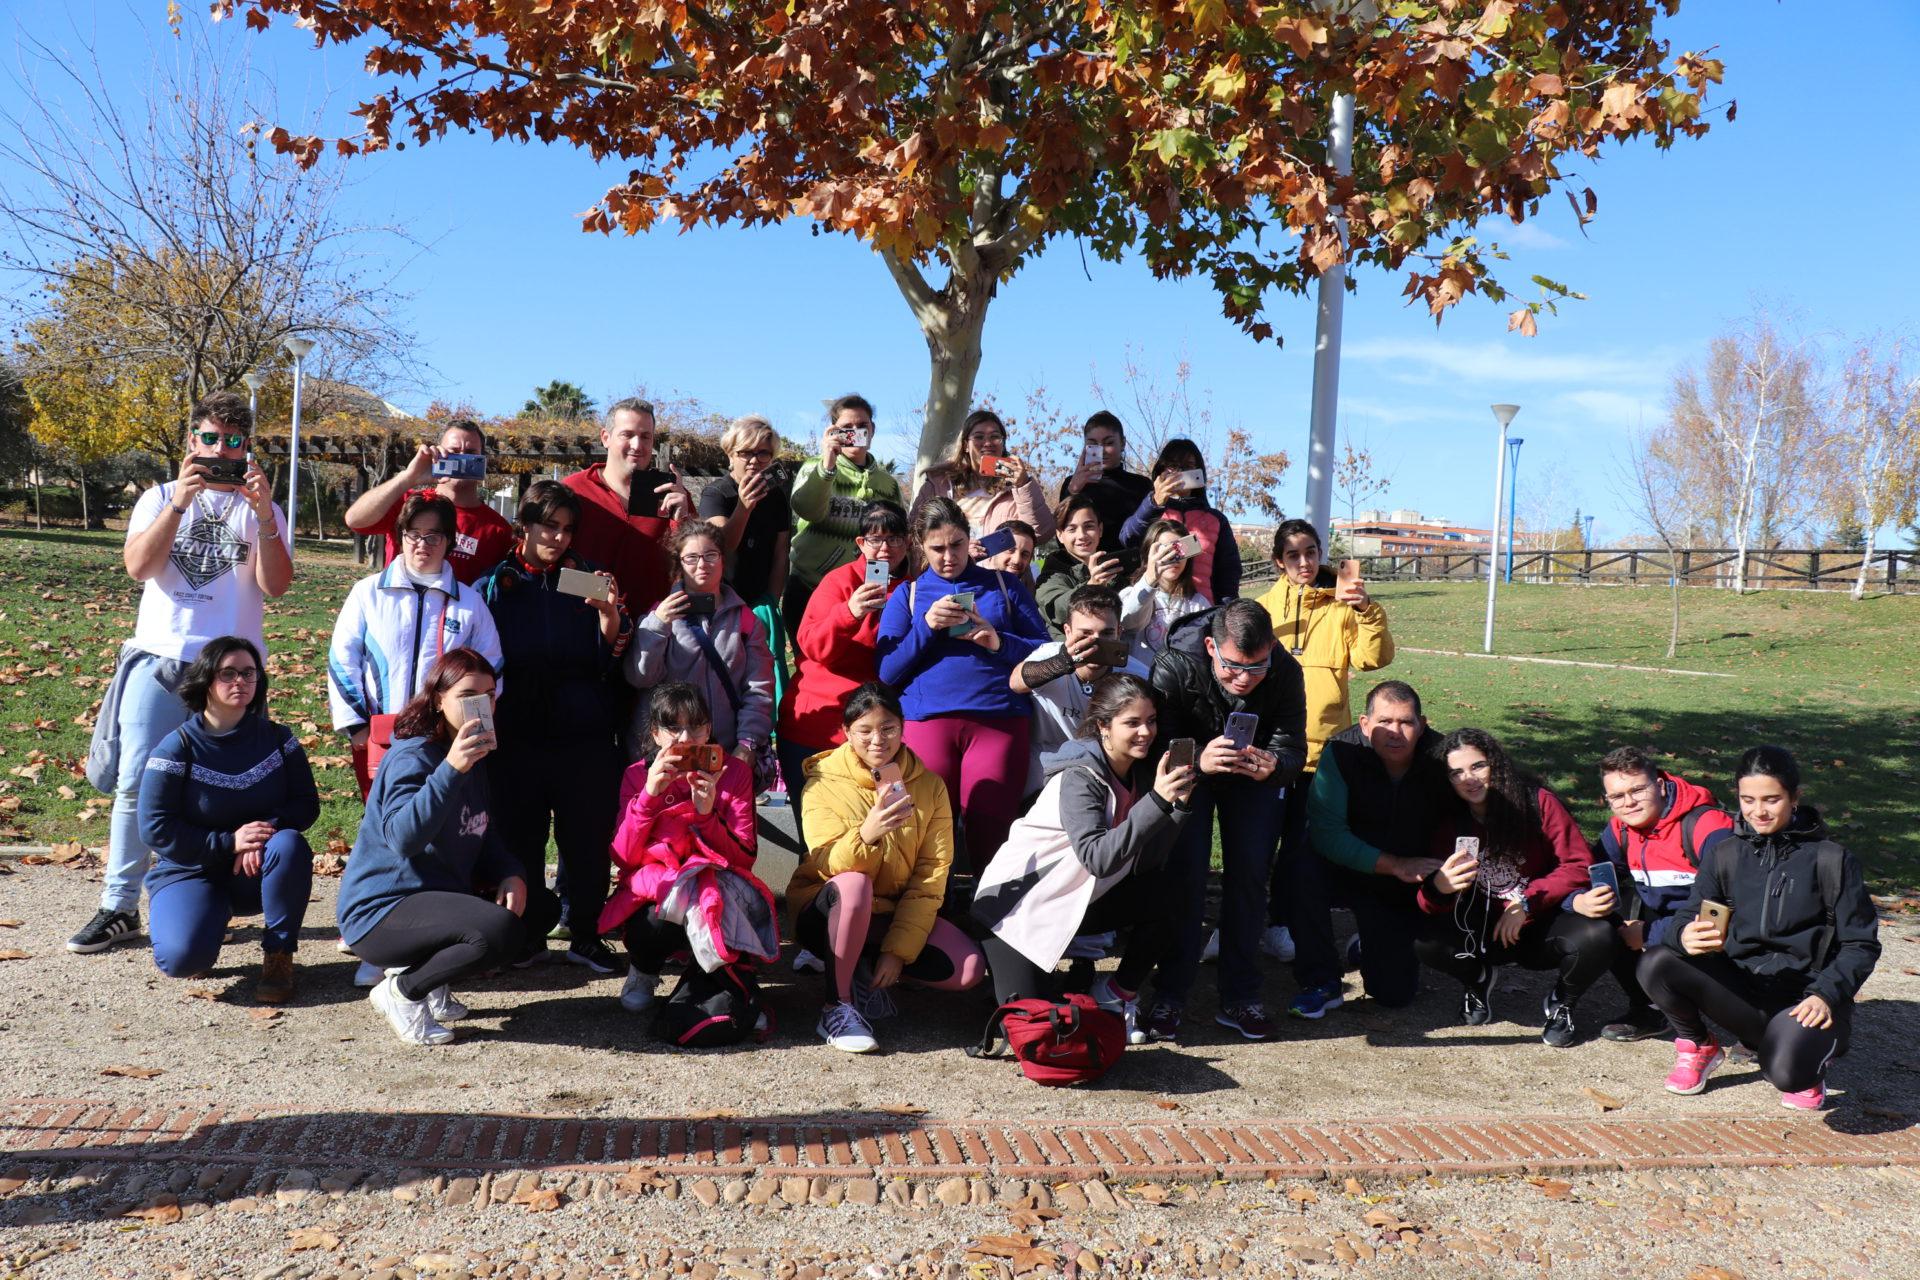 Inclusives celebra su jornada de convivencia intergeneracional